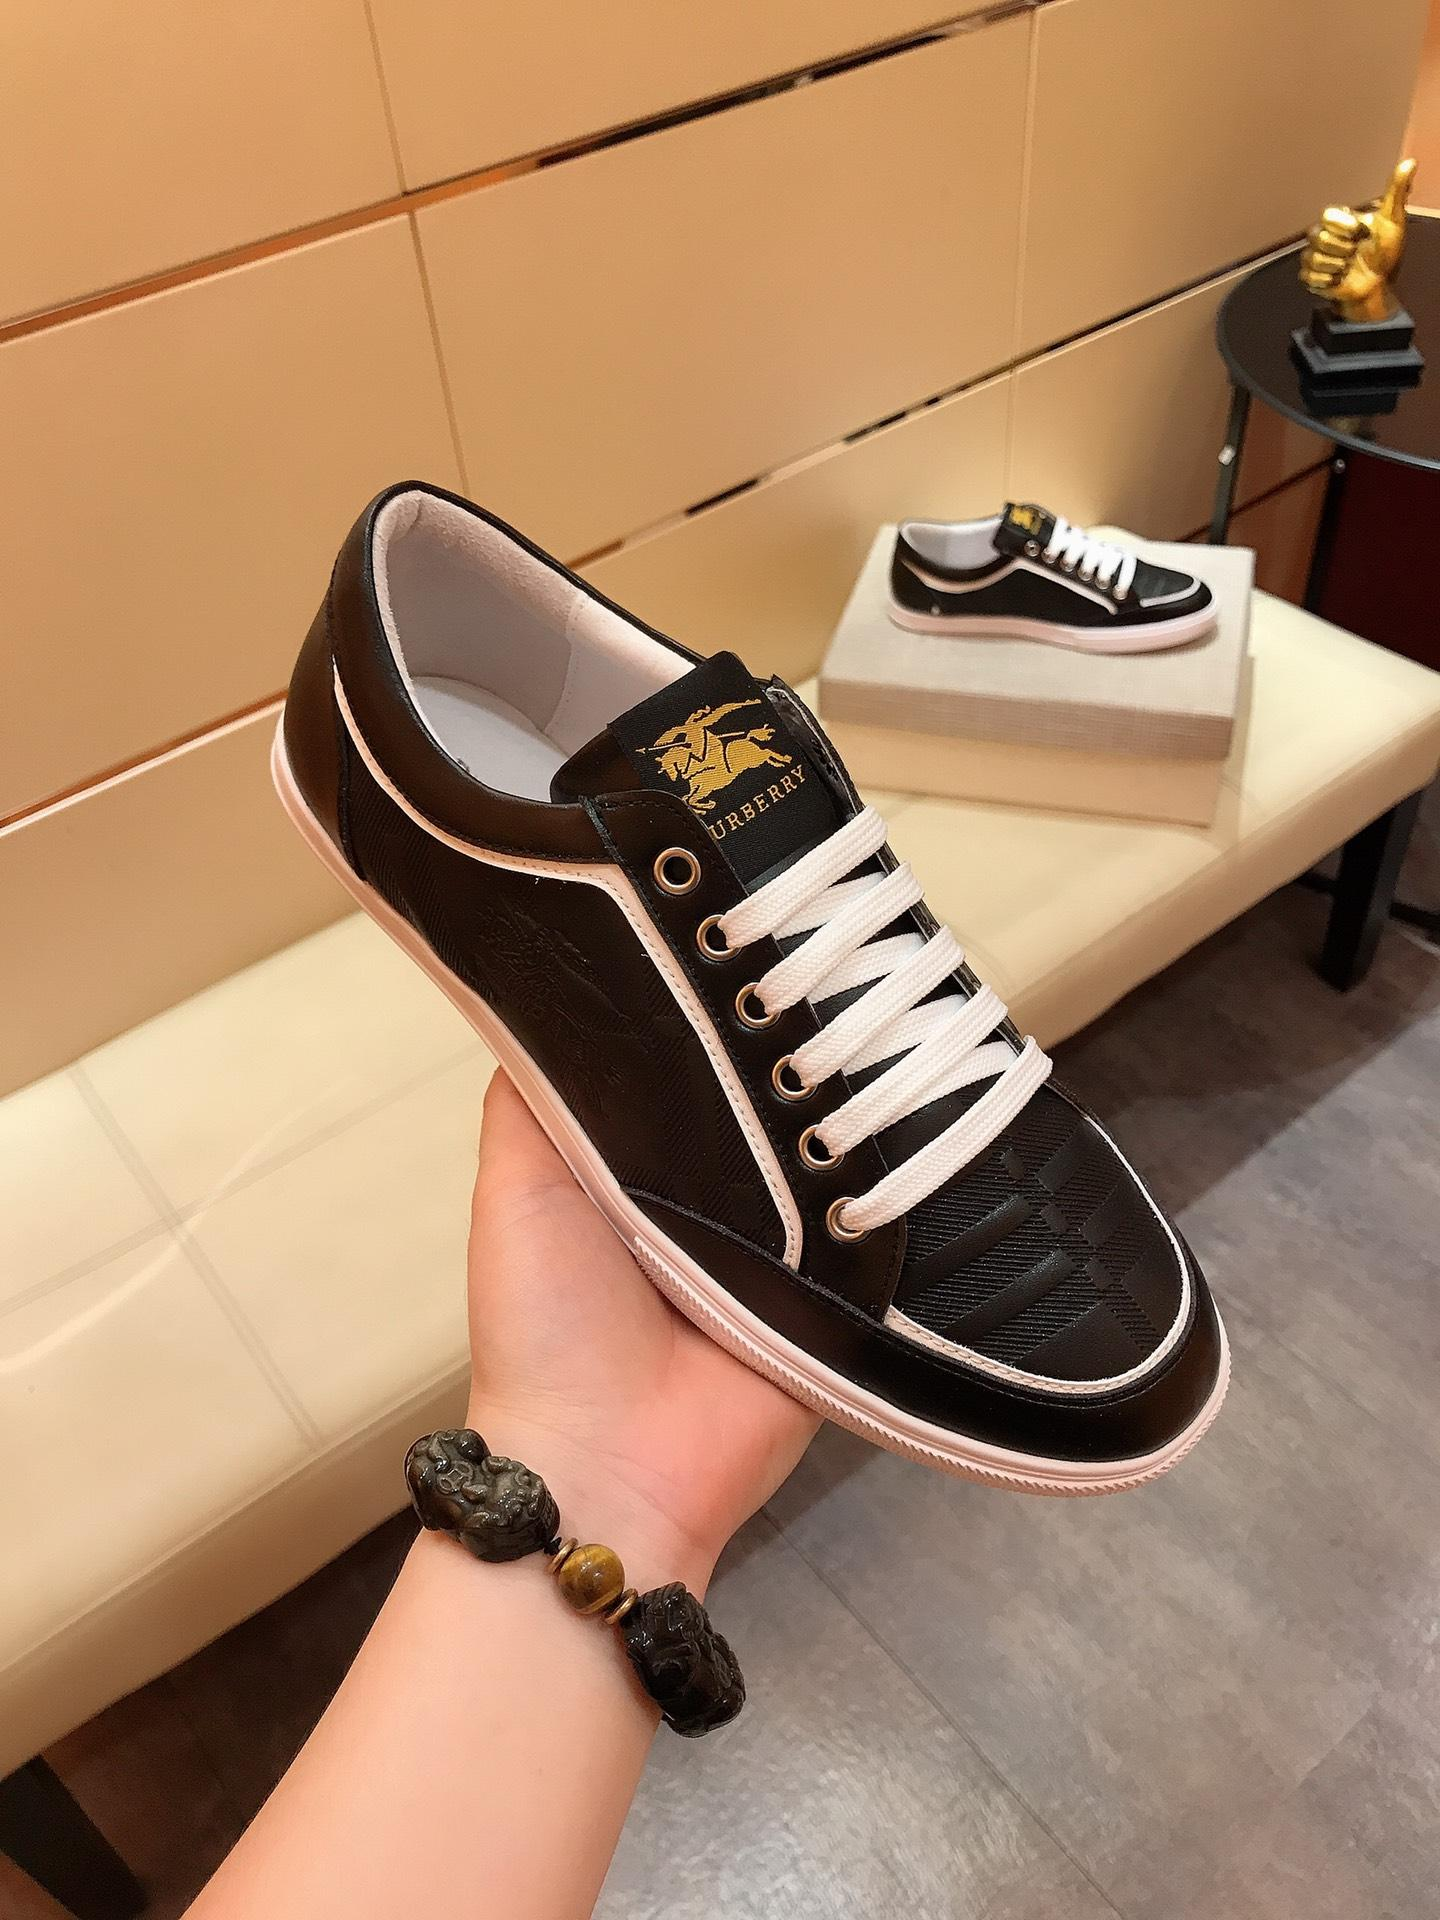 Vente pas cher Hommes Chaussures plates Chaussures Hommes Casual Sneaker Formateurs Designer Chaussures en cuir Livraison gratuite HY679A1